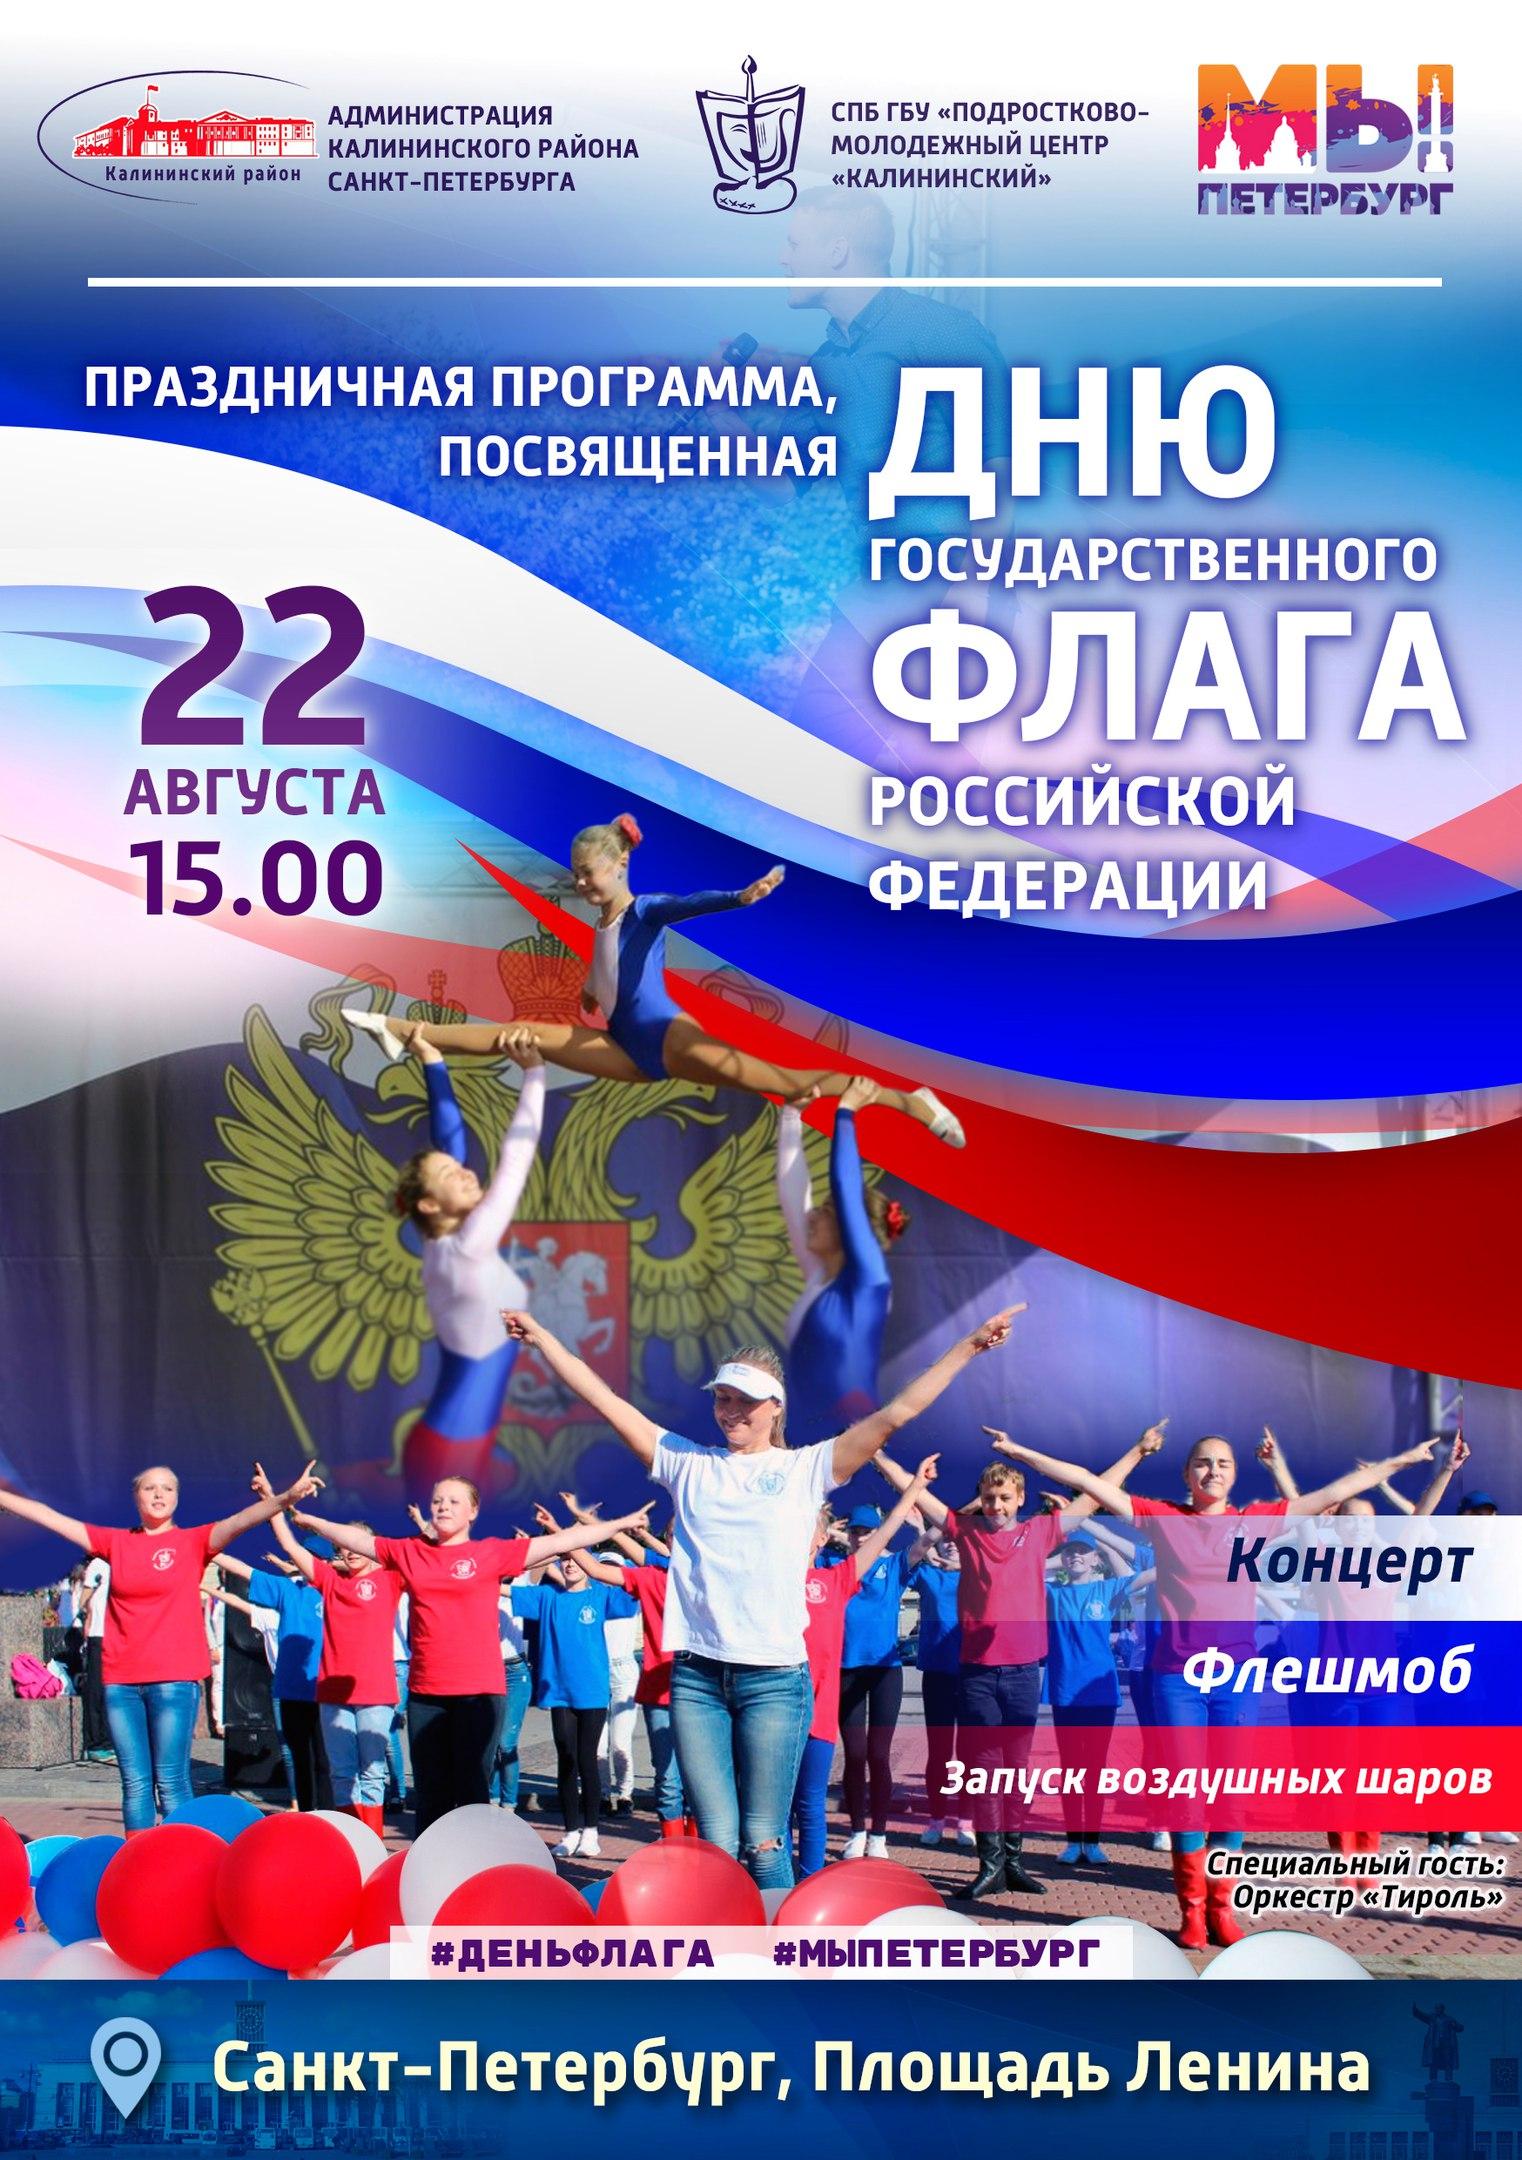 22 августа – День флага Российской Федерации